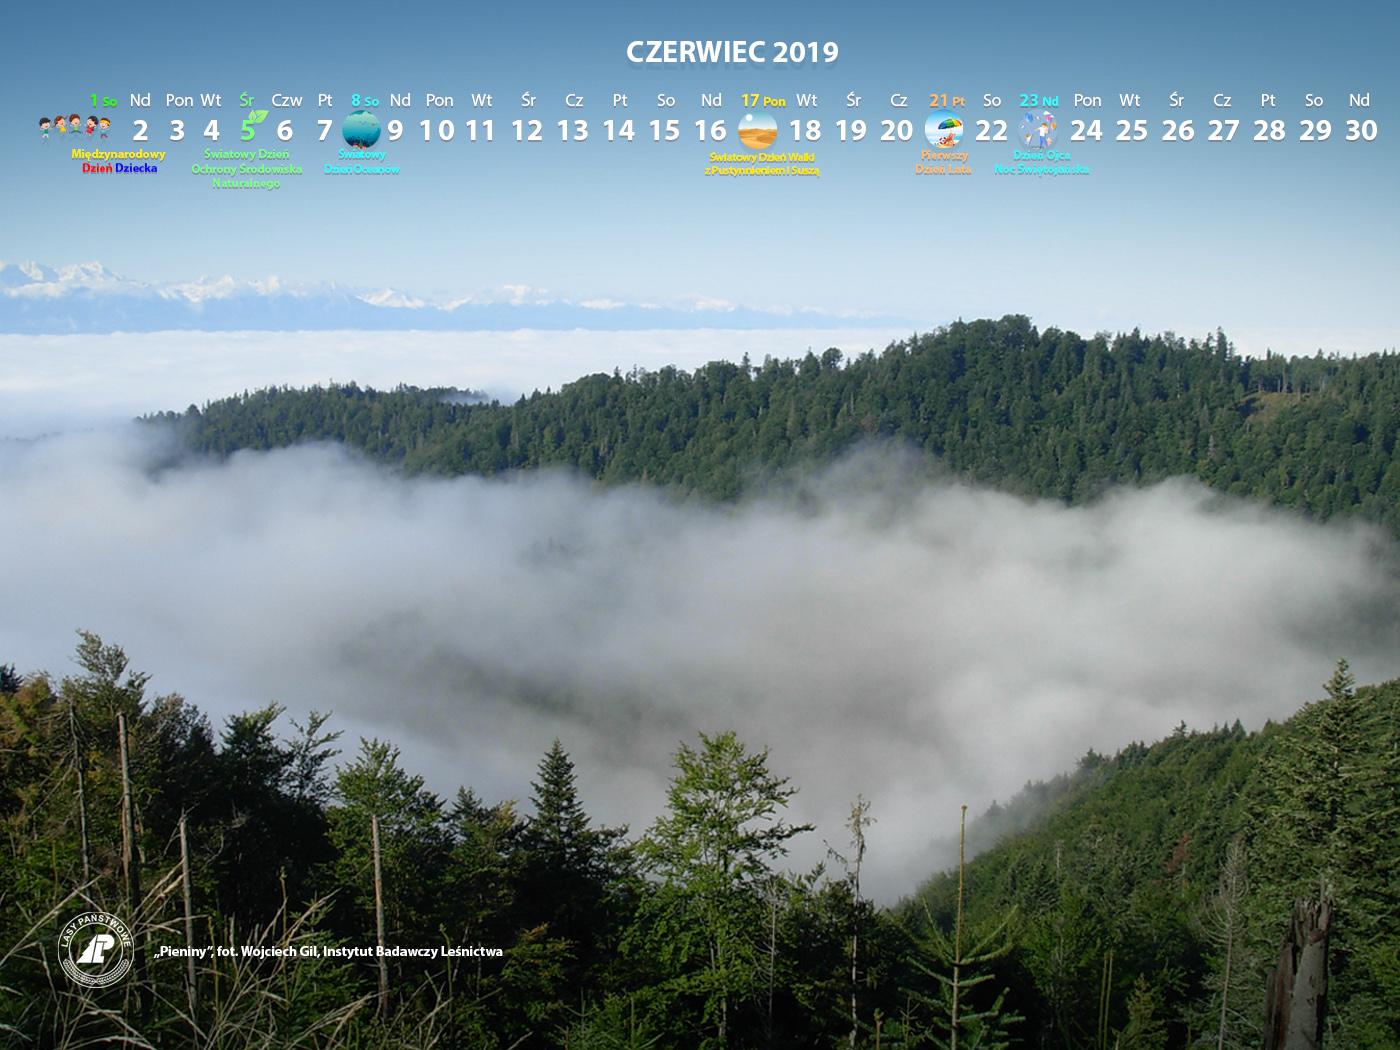 Kalendarz_06-2019_1400x1050[1].jpg